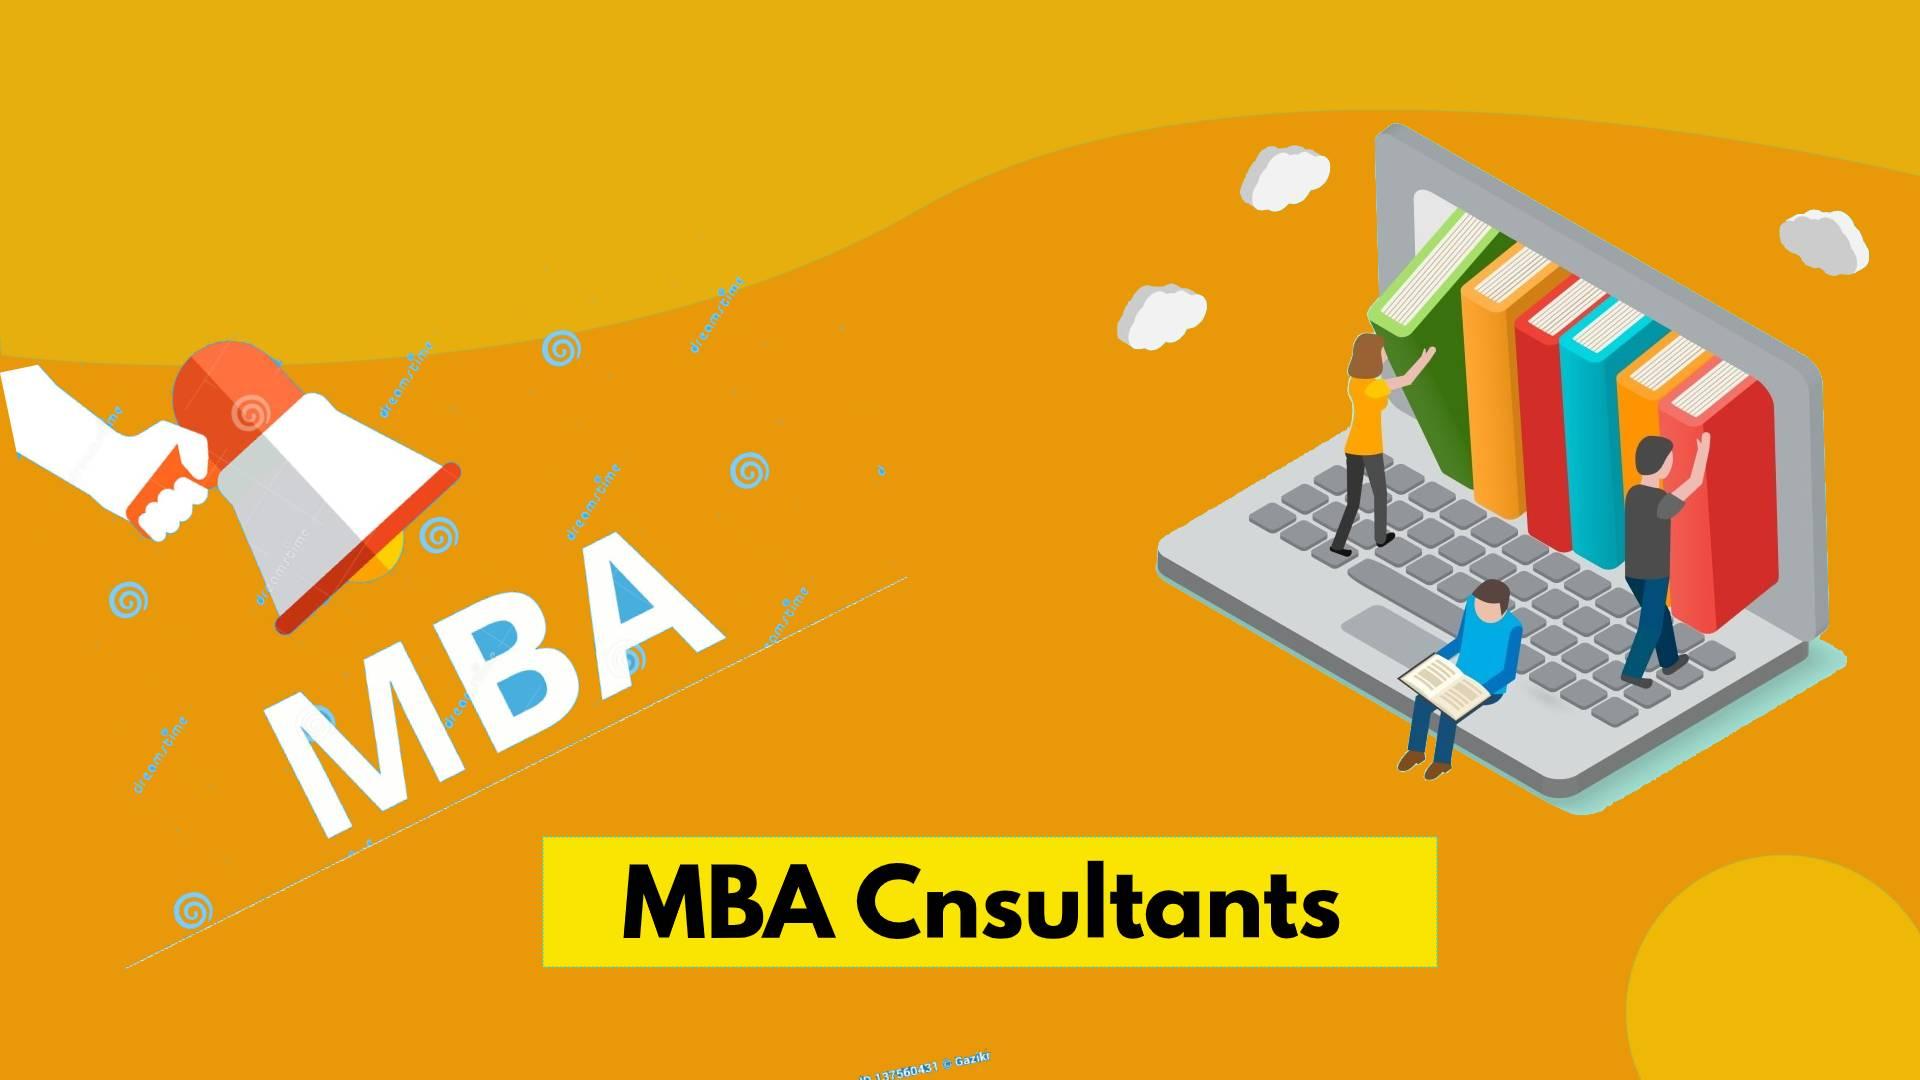 MBA consultants